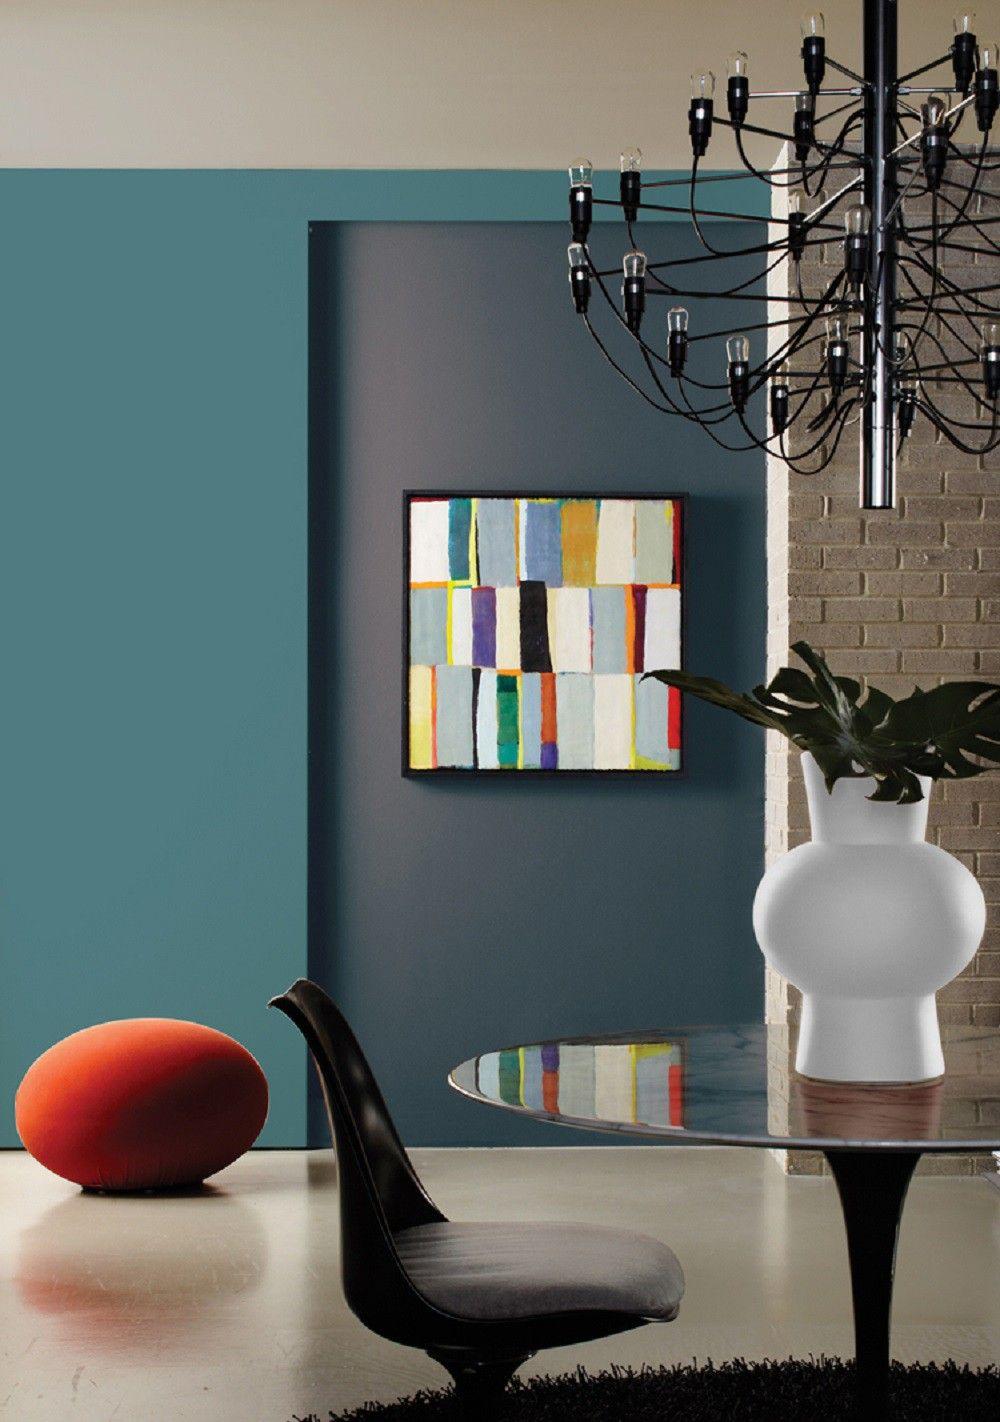 Home interior colors orange Łączenie barw w domu  malowanie ścian  interiors walls and room